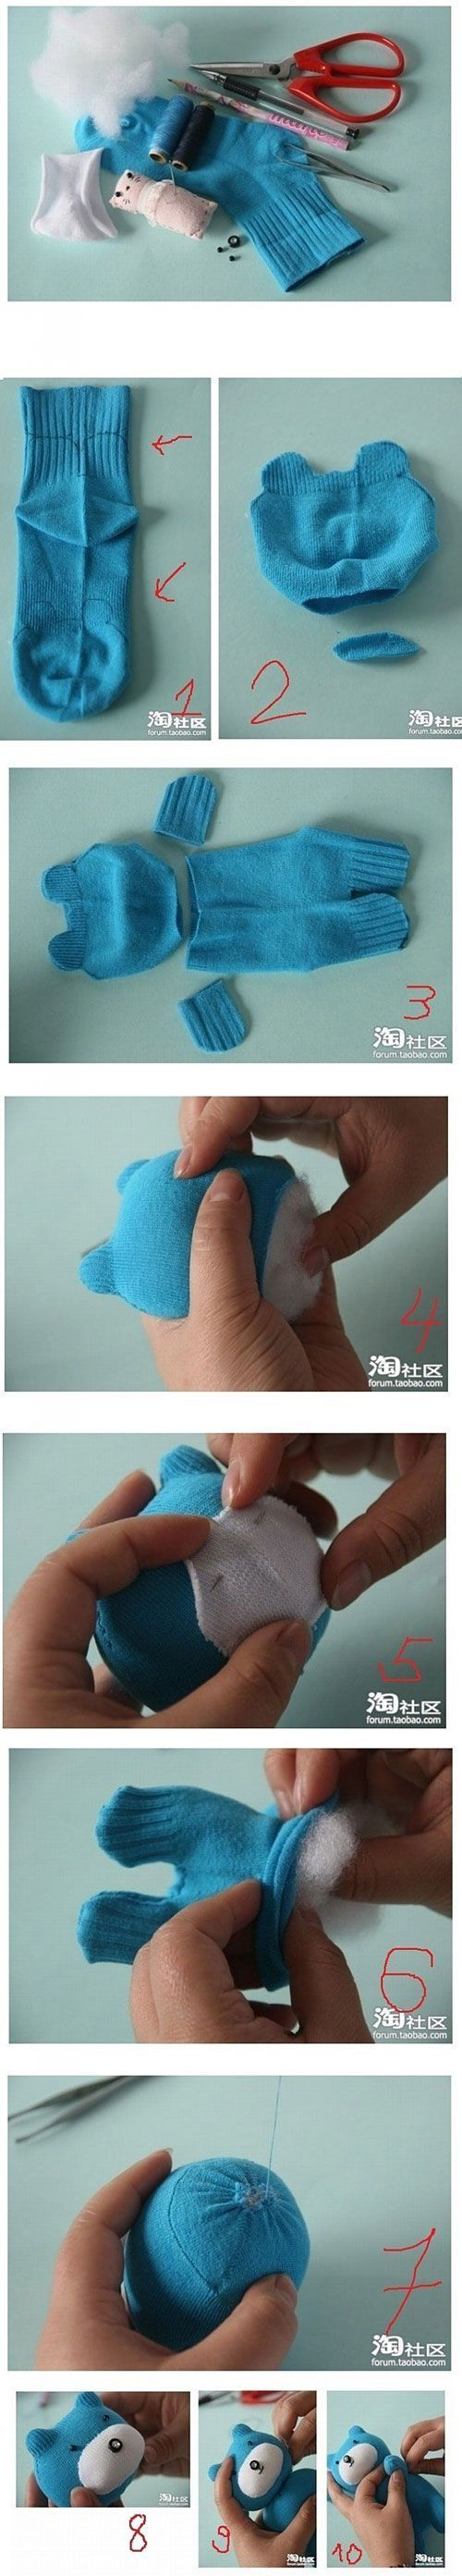 Een teddybeer zelf in elkaar knutselen uit een sok. Bruikbaar in de derde graad